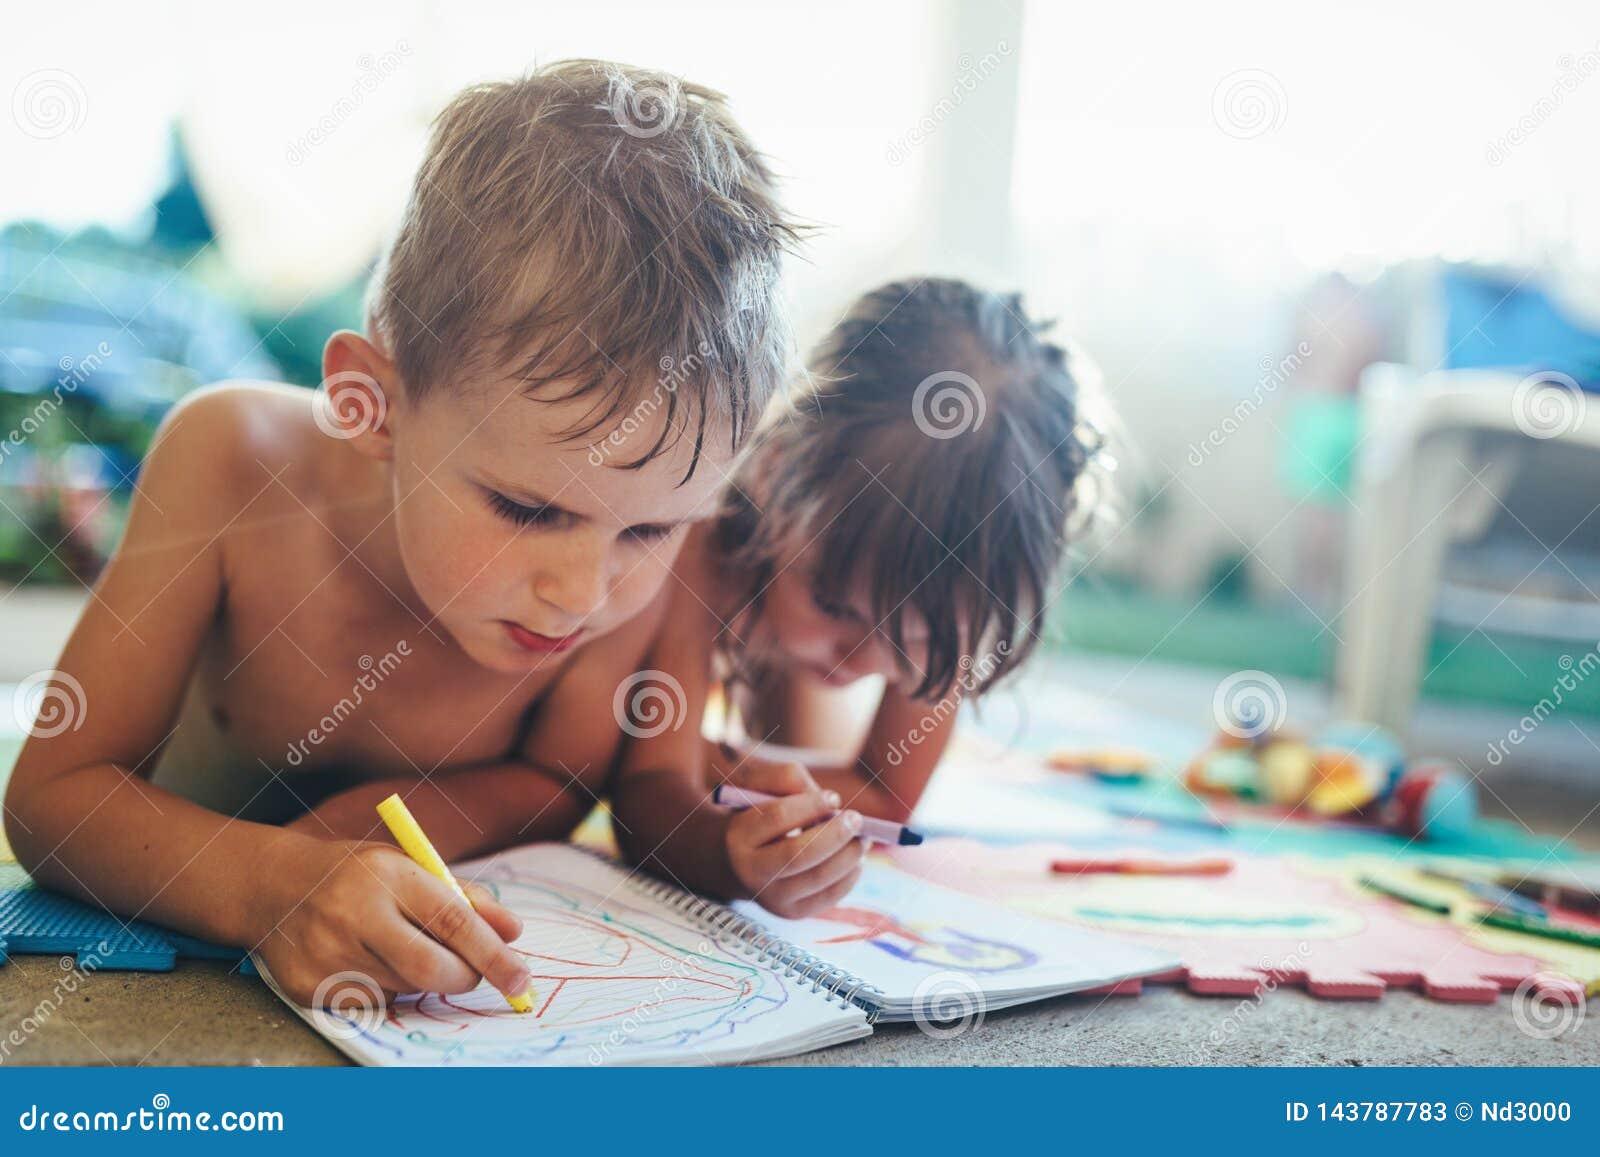 Dessin de petit garçon et de fille avec des crayons